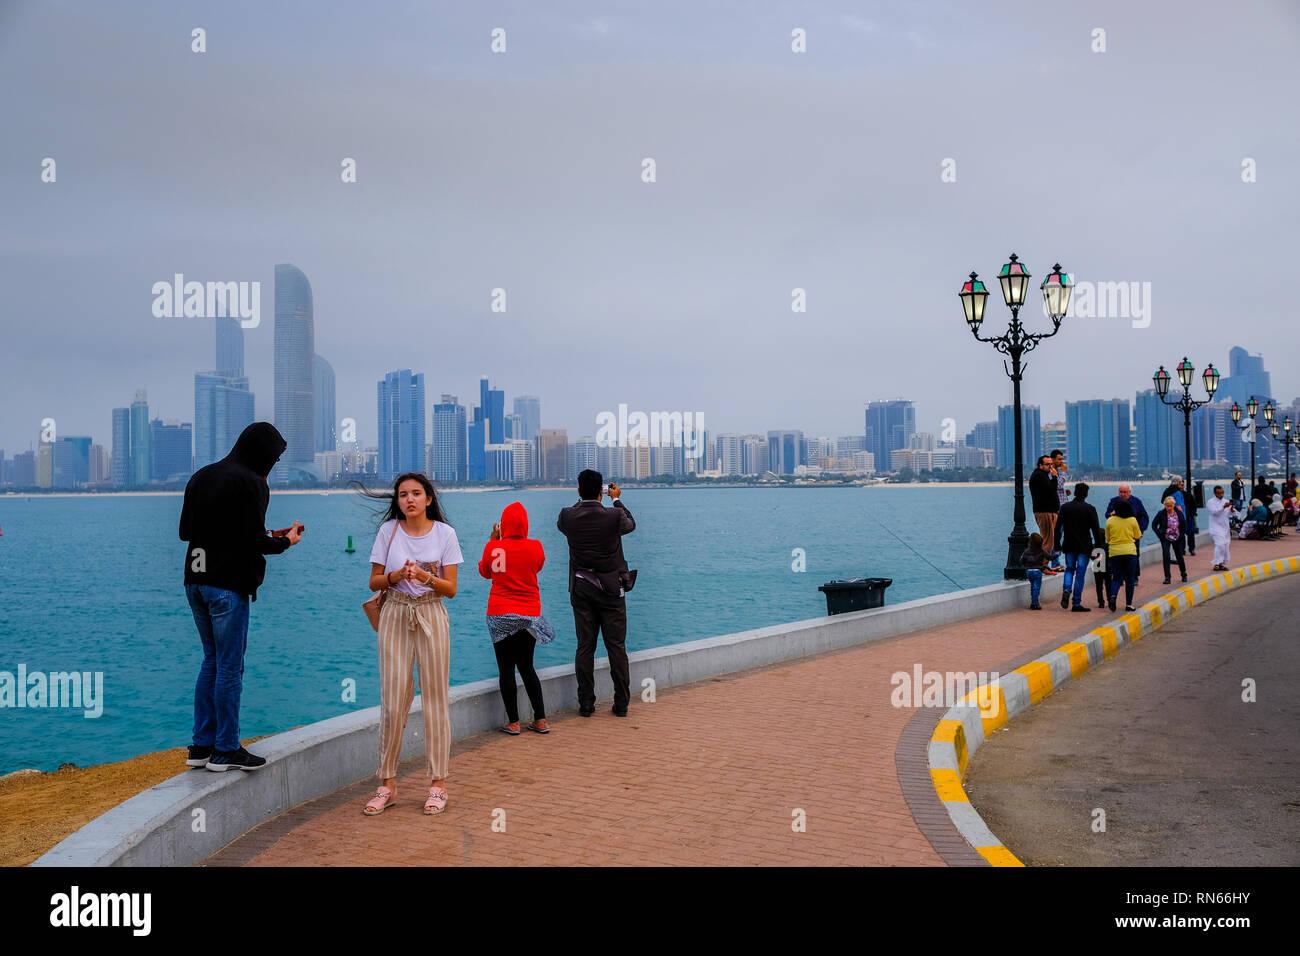 Abu Dhabi, UAE  17th Feb, 2019  Residents of Abu Dhabi